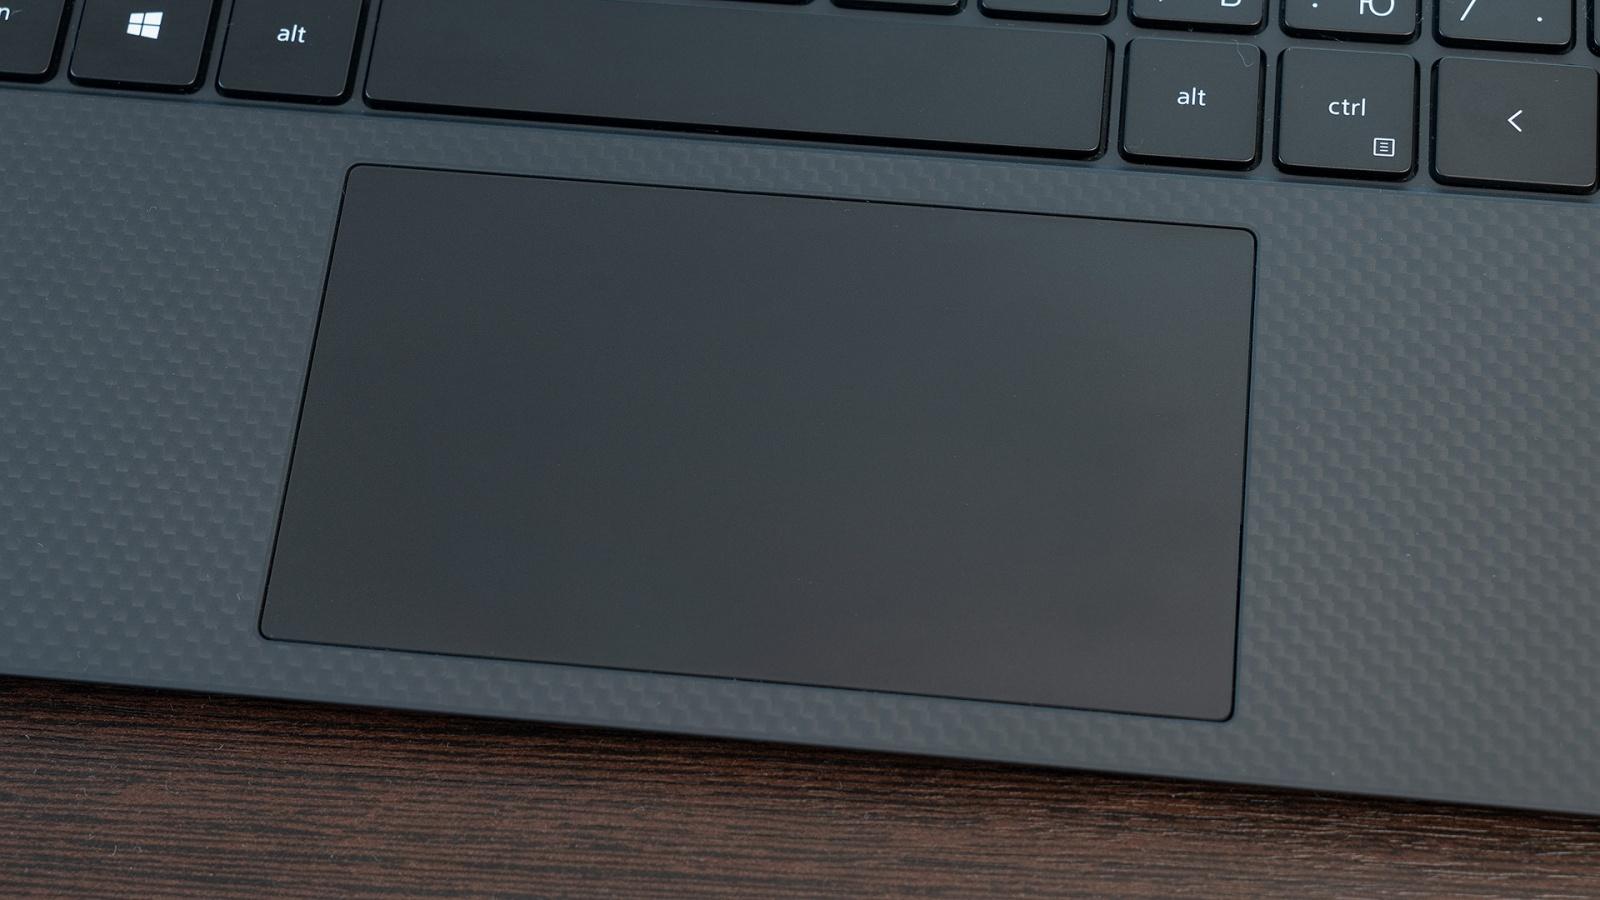 XPS 13 9310: эволюционный апгрейд флагманского ультрабука Dell с Tiger Lake внутри - 14